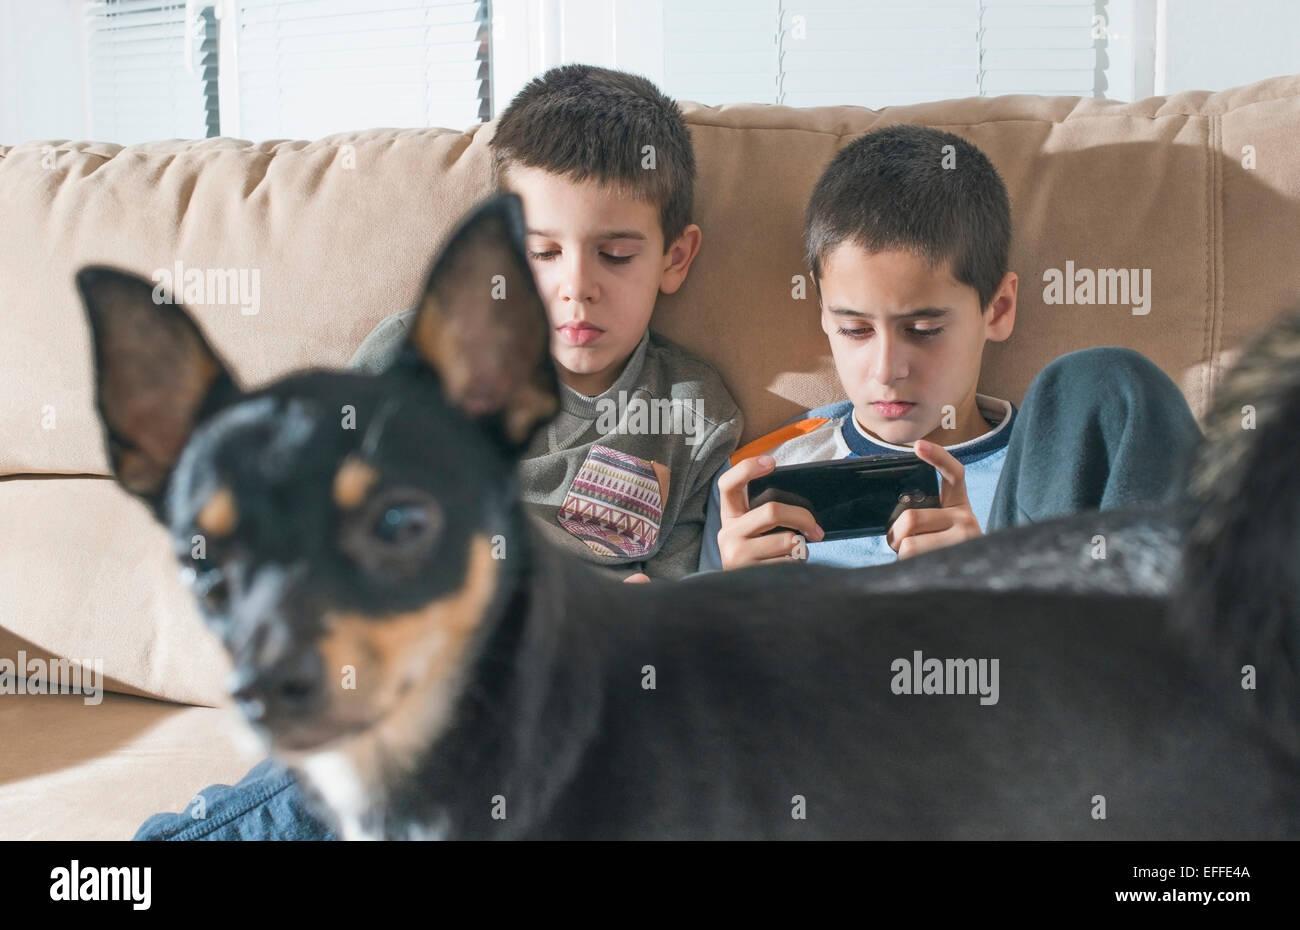 Dos muchachos jugando con sus smartphones mientras perro de pie en primer plano Imagen De Stock